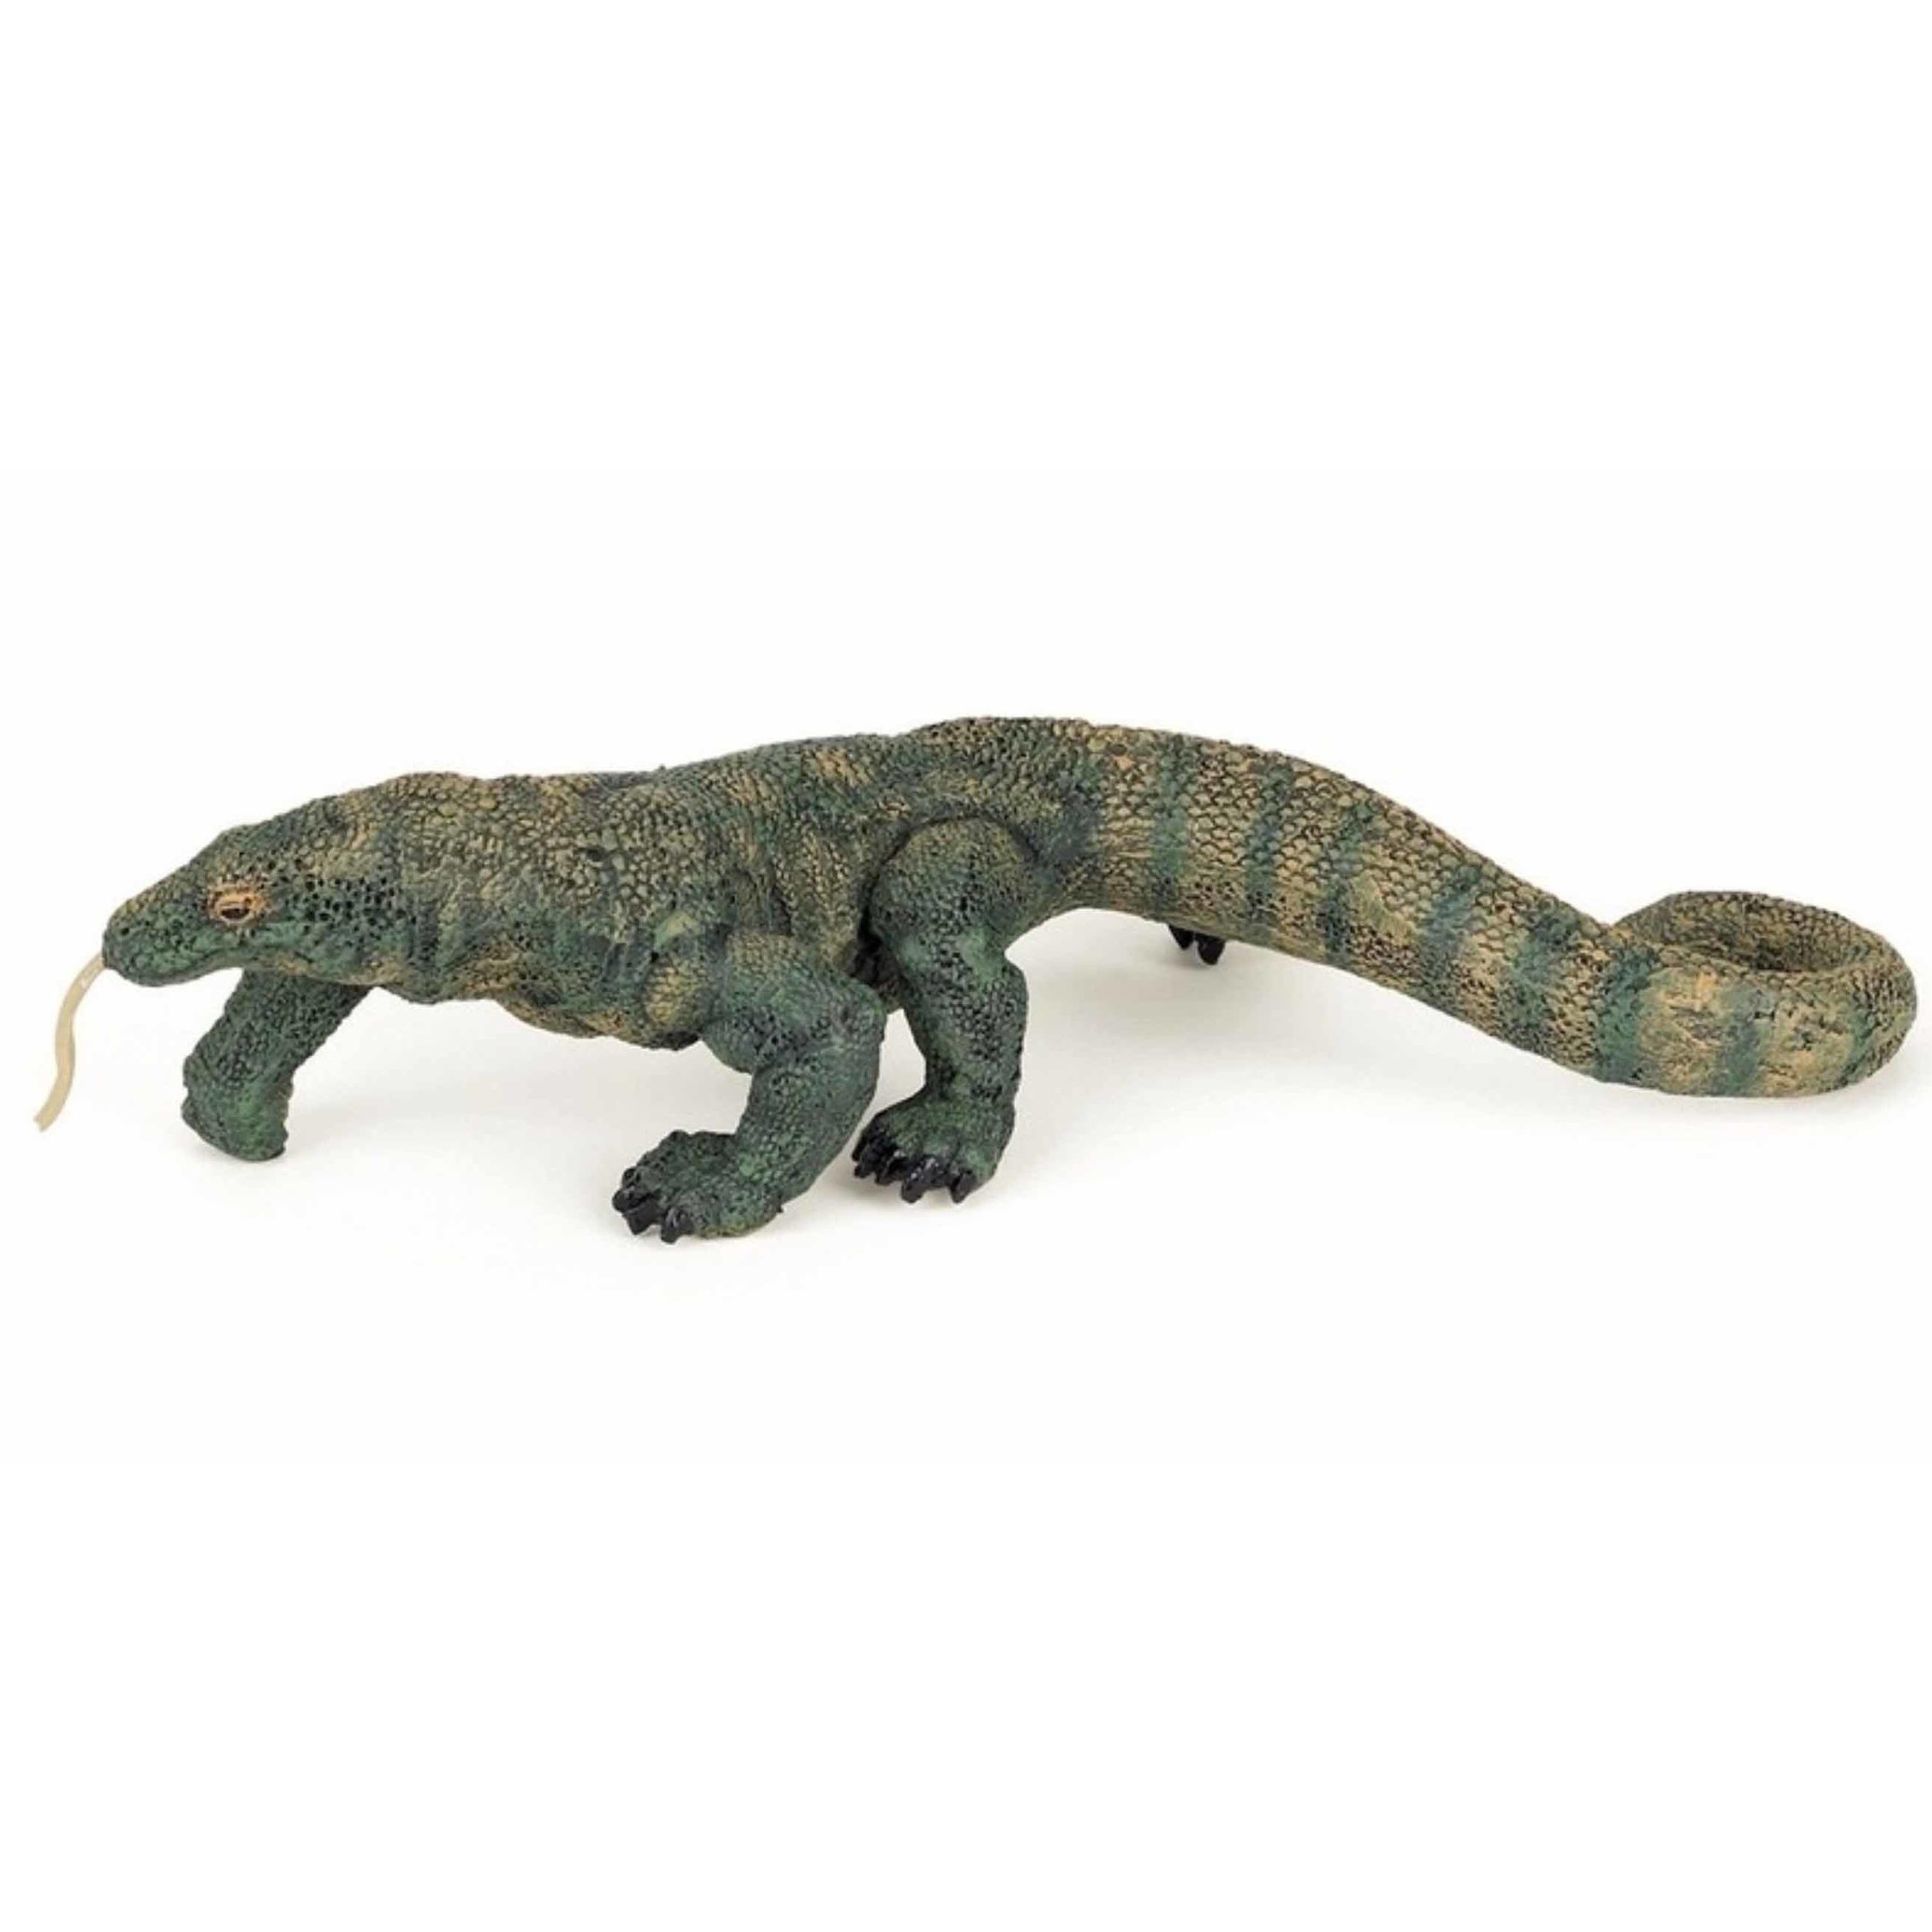 Plastic speelgoed figuur komodo varaan 16.5 cm